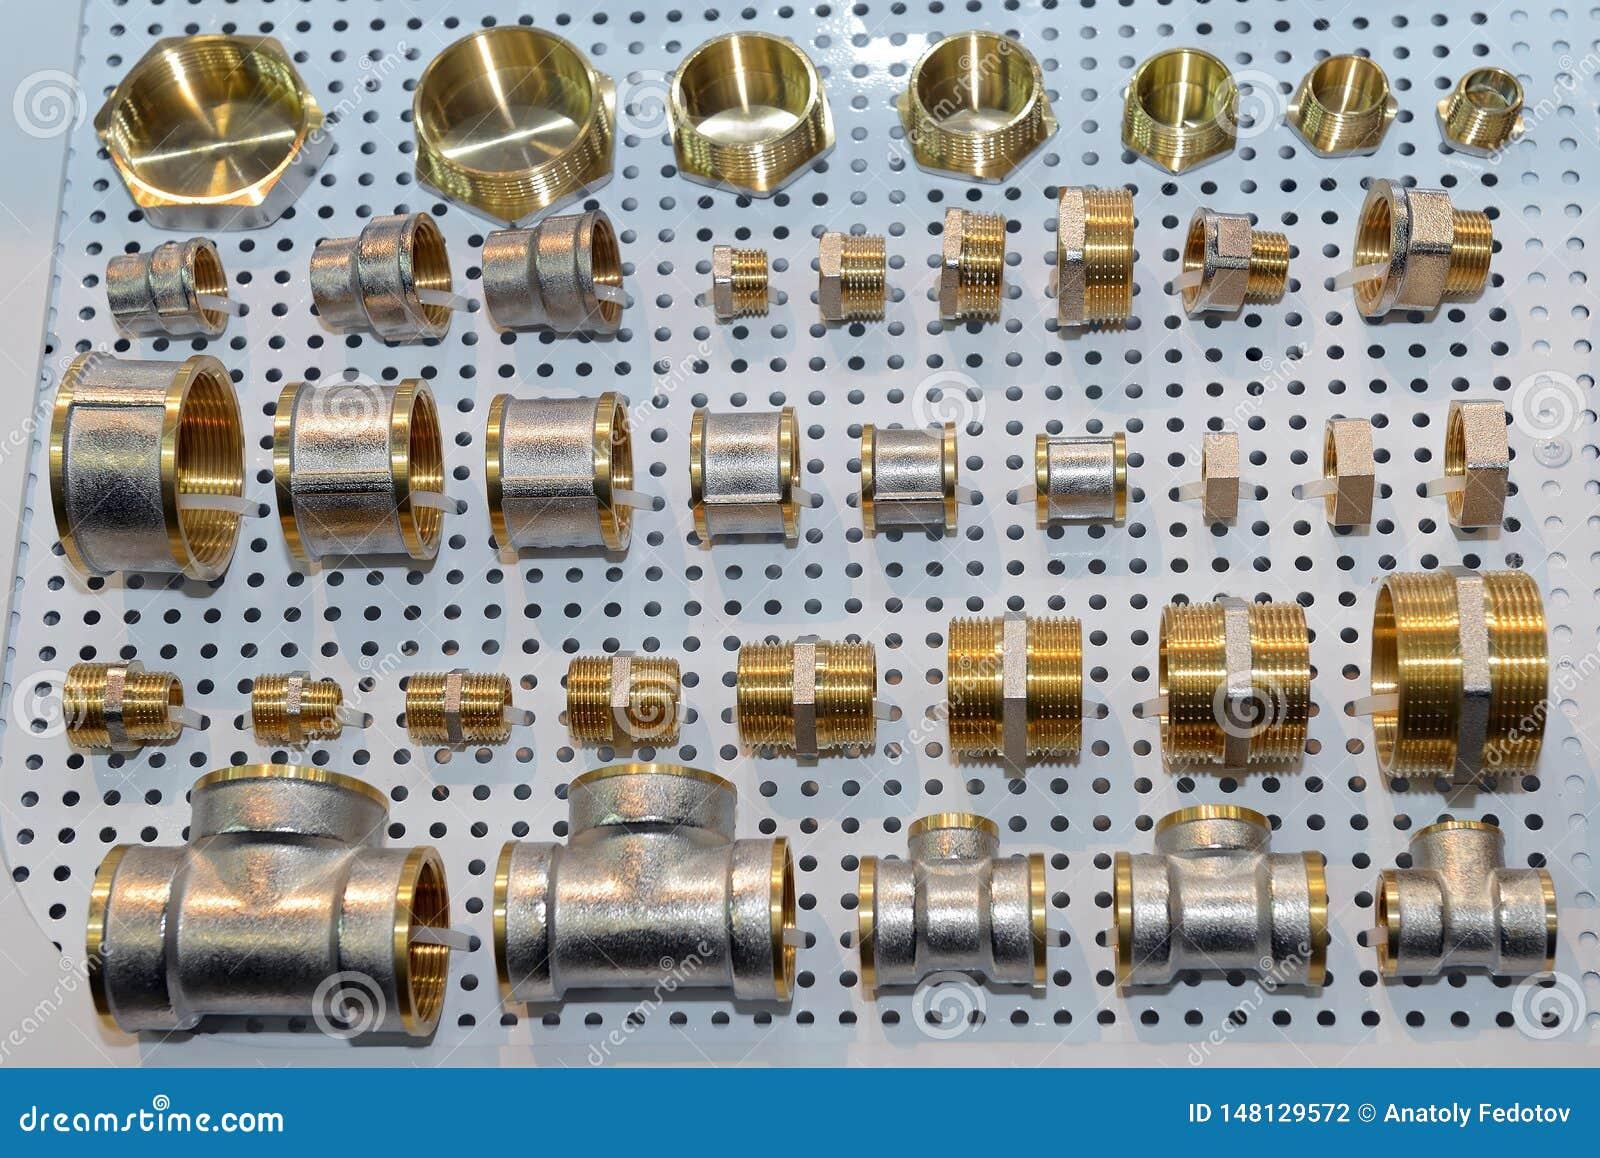 Uma variedade de conectores sondando da tubulação, cantos, encaixes, bocais, adaptadores